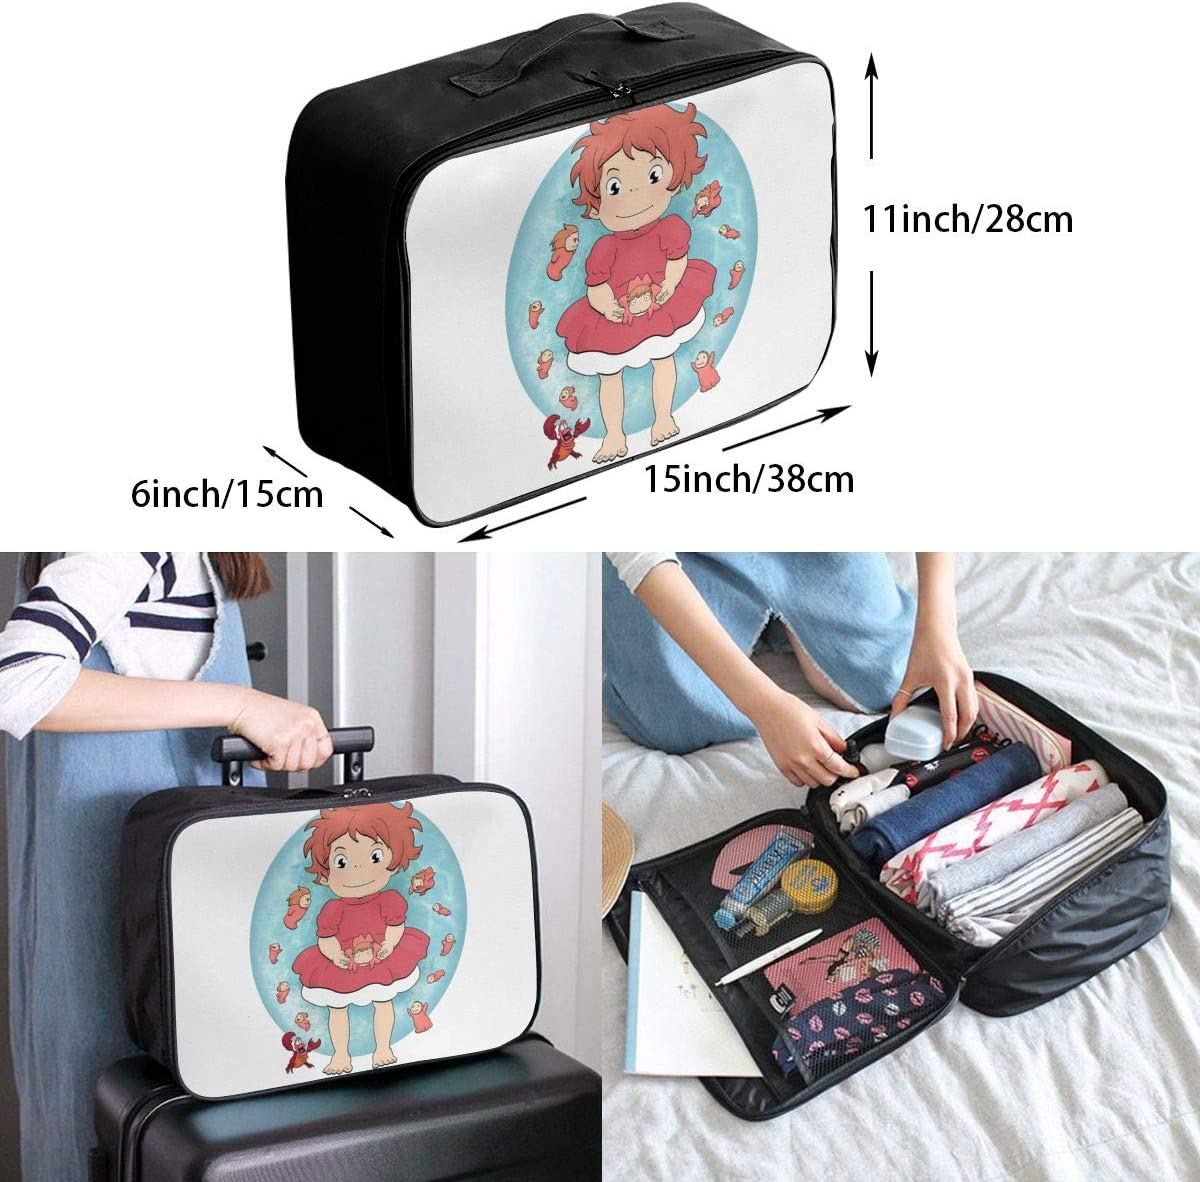 Ponyo Lightweight Large Capacity Portable Luggage Bag Hanging Organizer Bag Makeup Bag